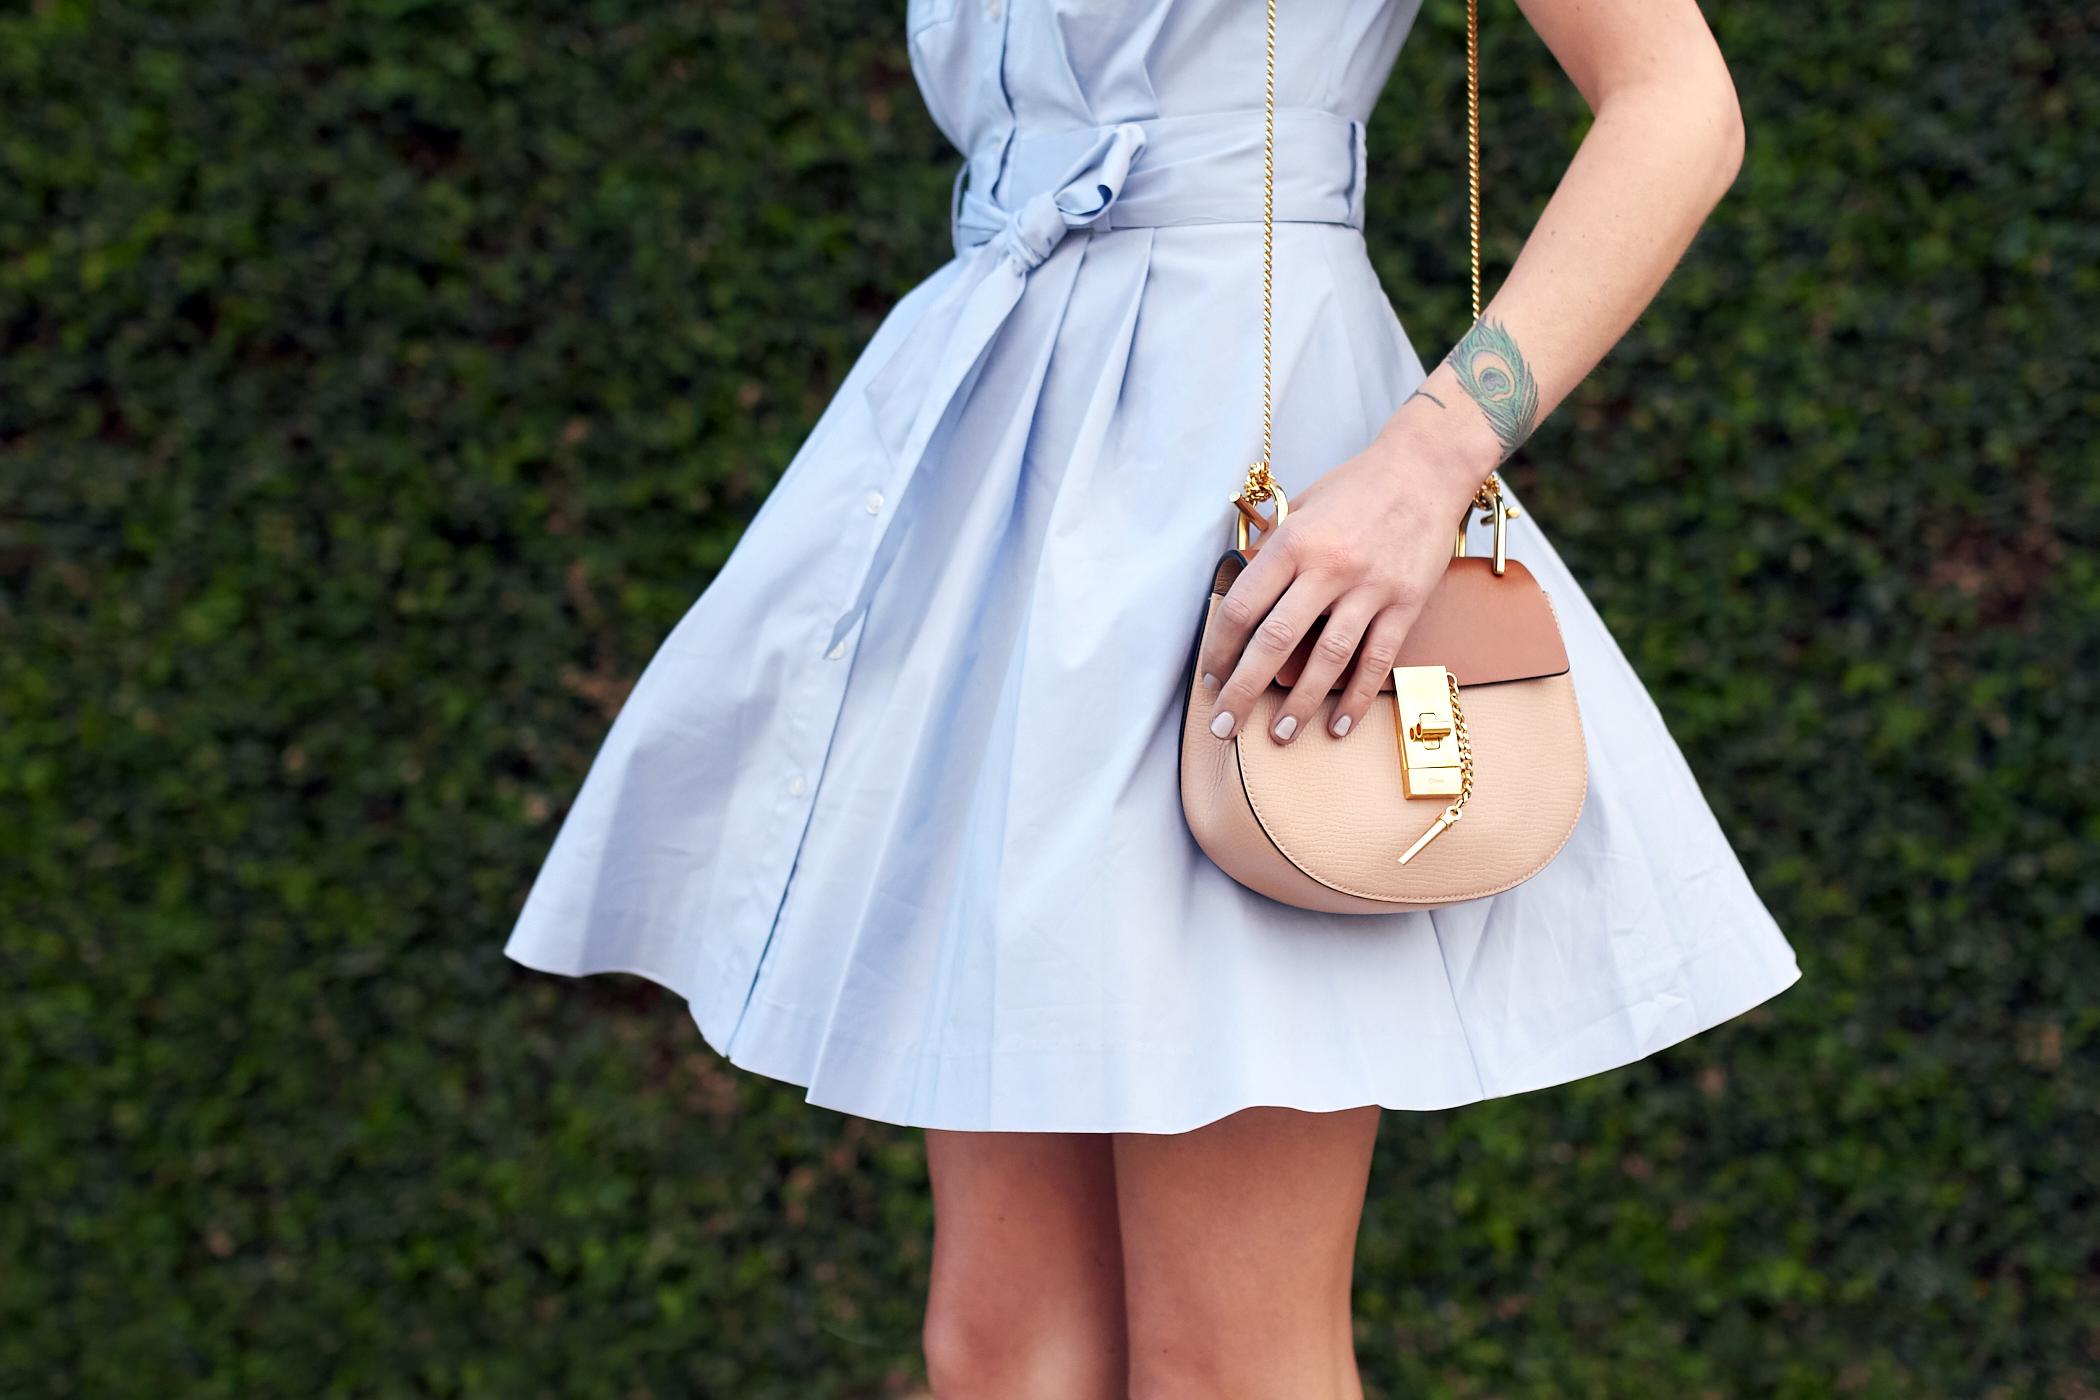 fashion-jackson-cynthia-steffe-blue-shirtdress-chloe-drew-handbag-small